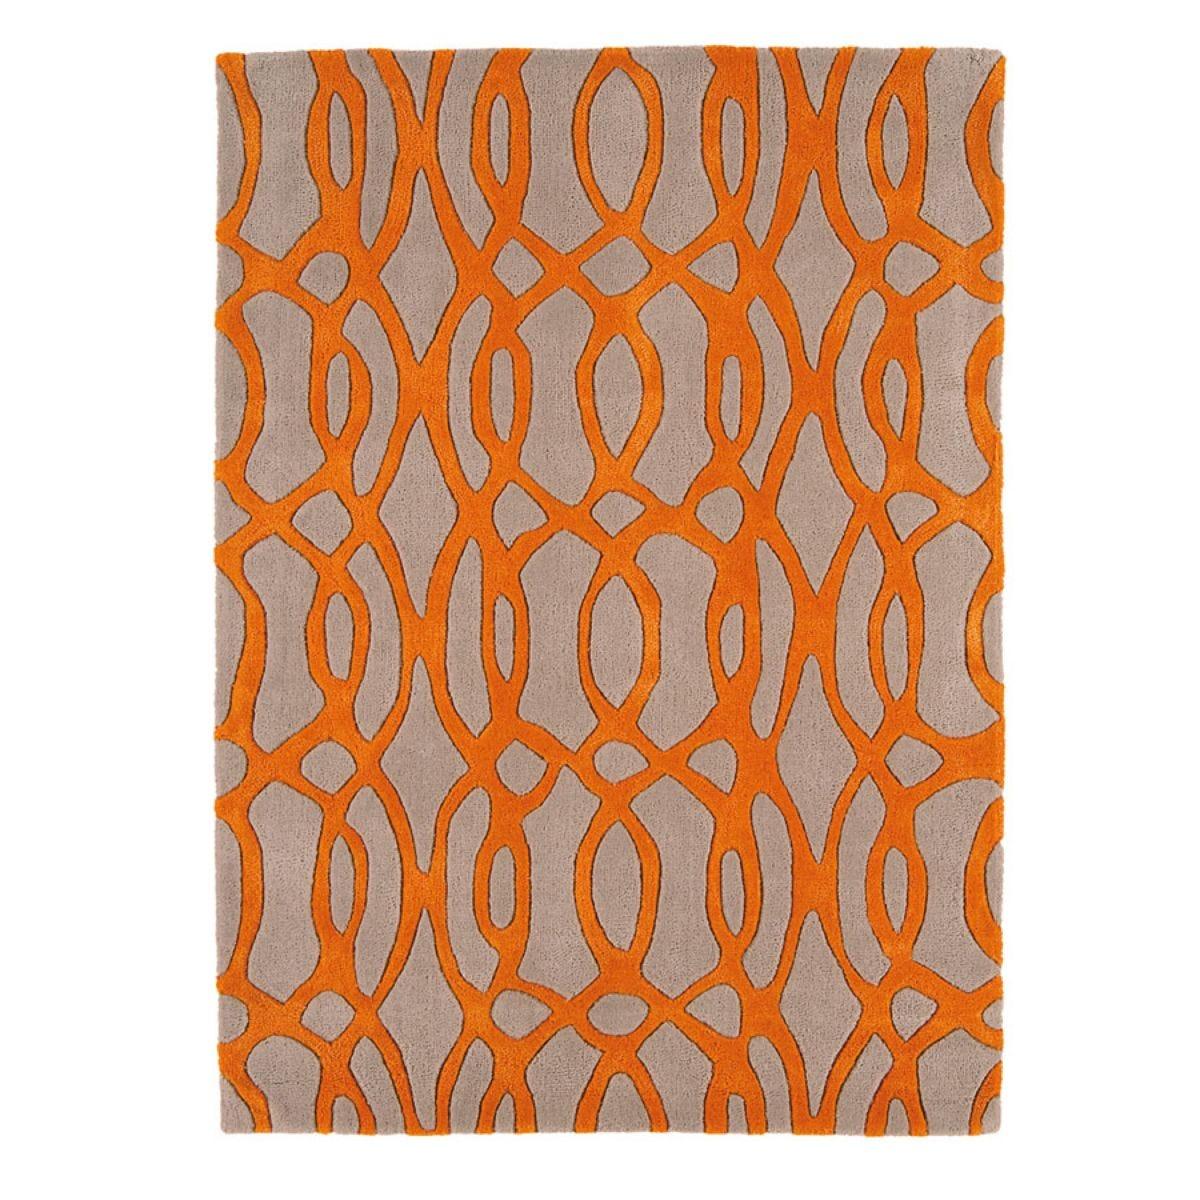 Asiatic Matrix Rug, 120 x 170cm - Orange